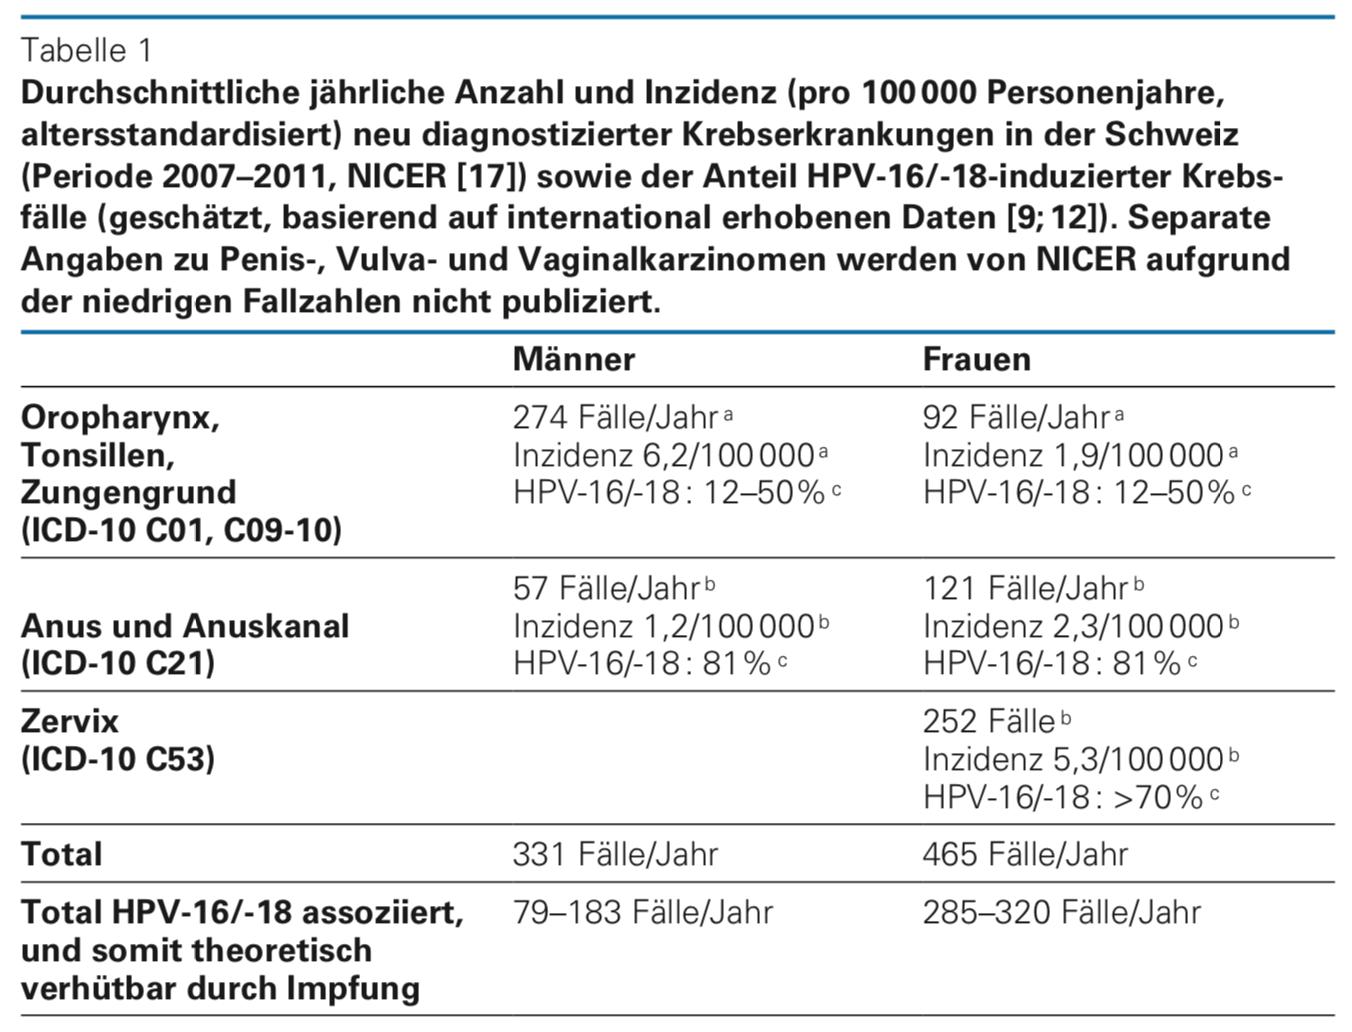 Hpv impfung vor konisation